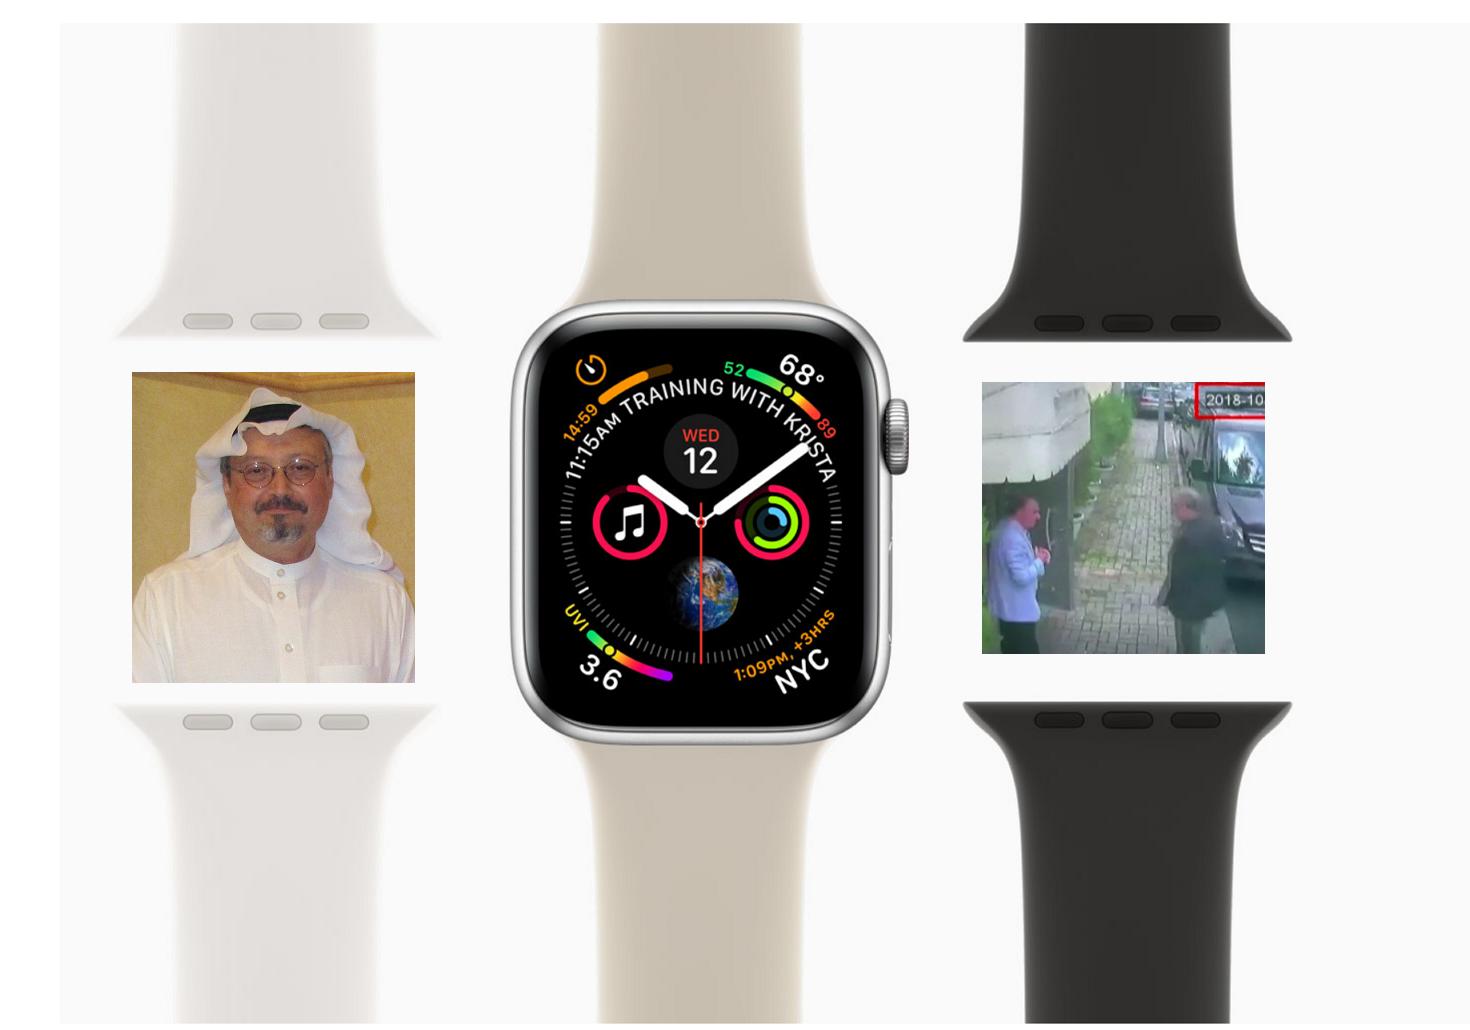 אייפון וואץ' וג'מאל חשוקג'י 📸 Alfagih cc-by-sa; צילומסך מאתר אפל; צילומסך מסרטון האבטחה של הקונסוליה הסעודית בטורקיה